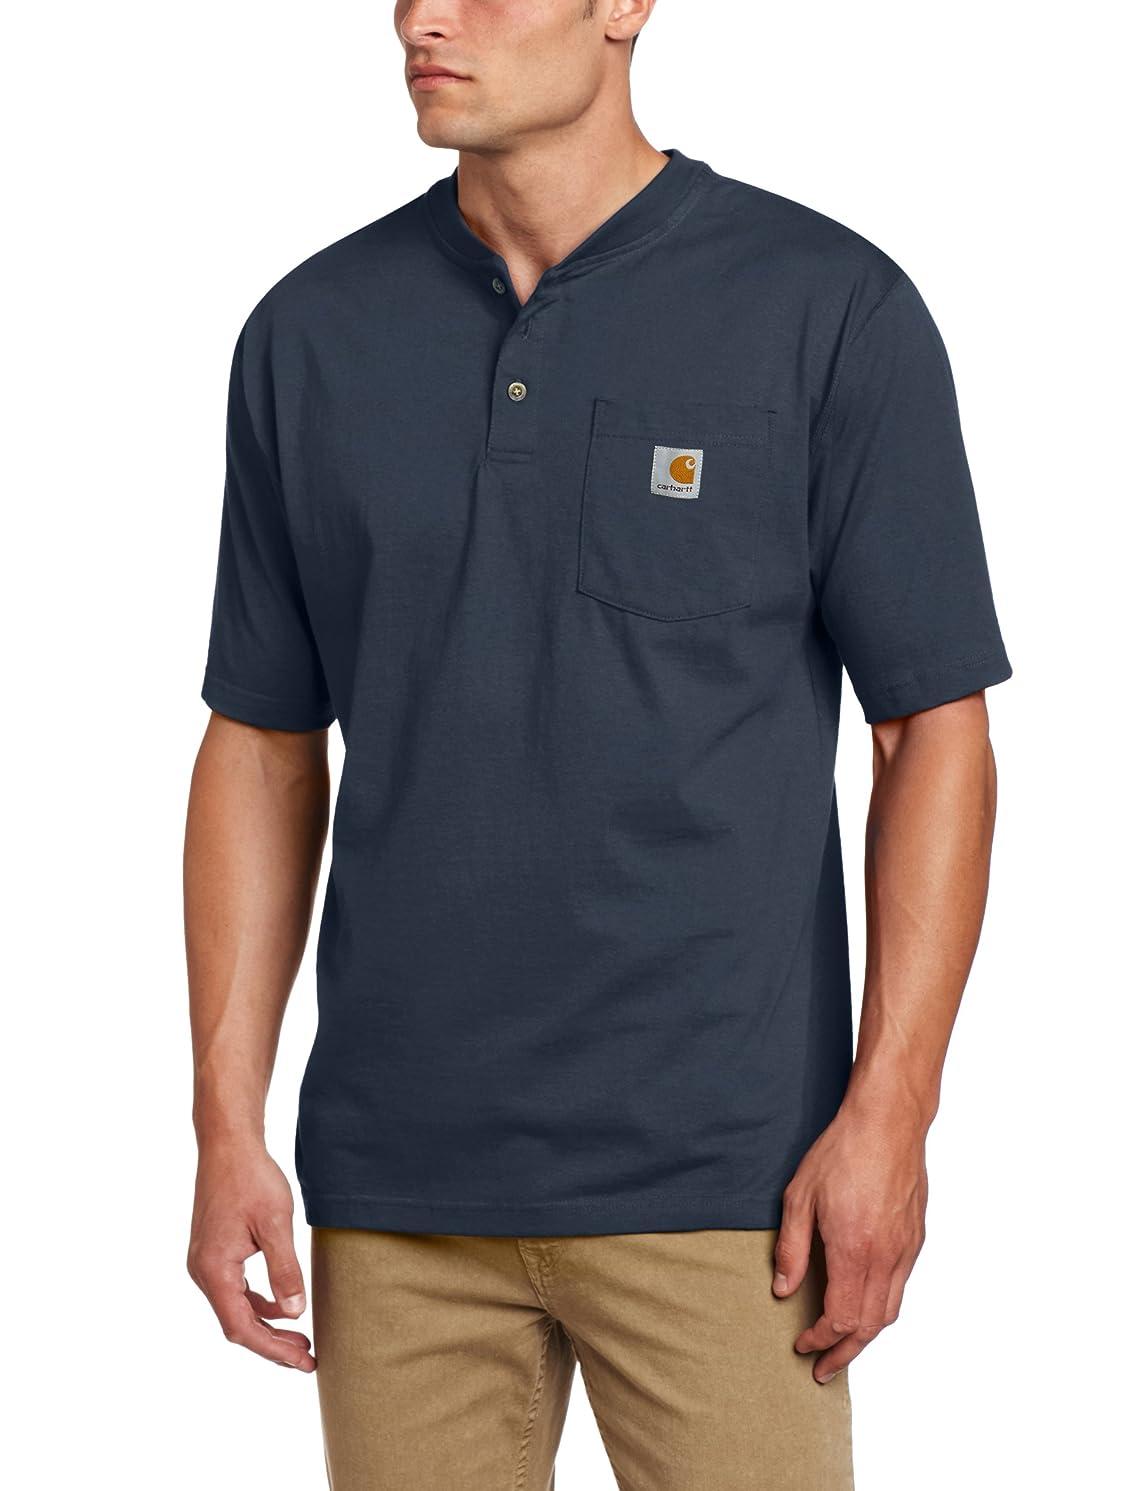 Carhartt Men's Workwear Pocket Henley Shirt